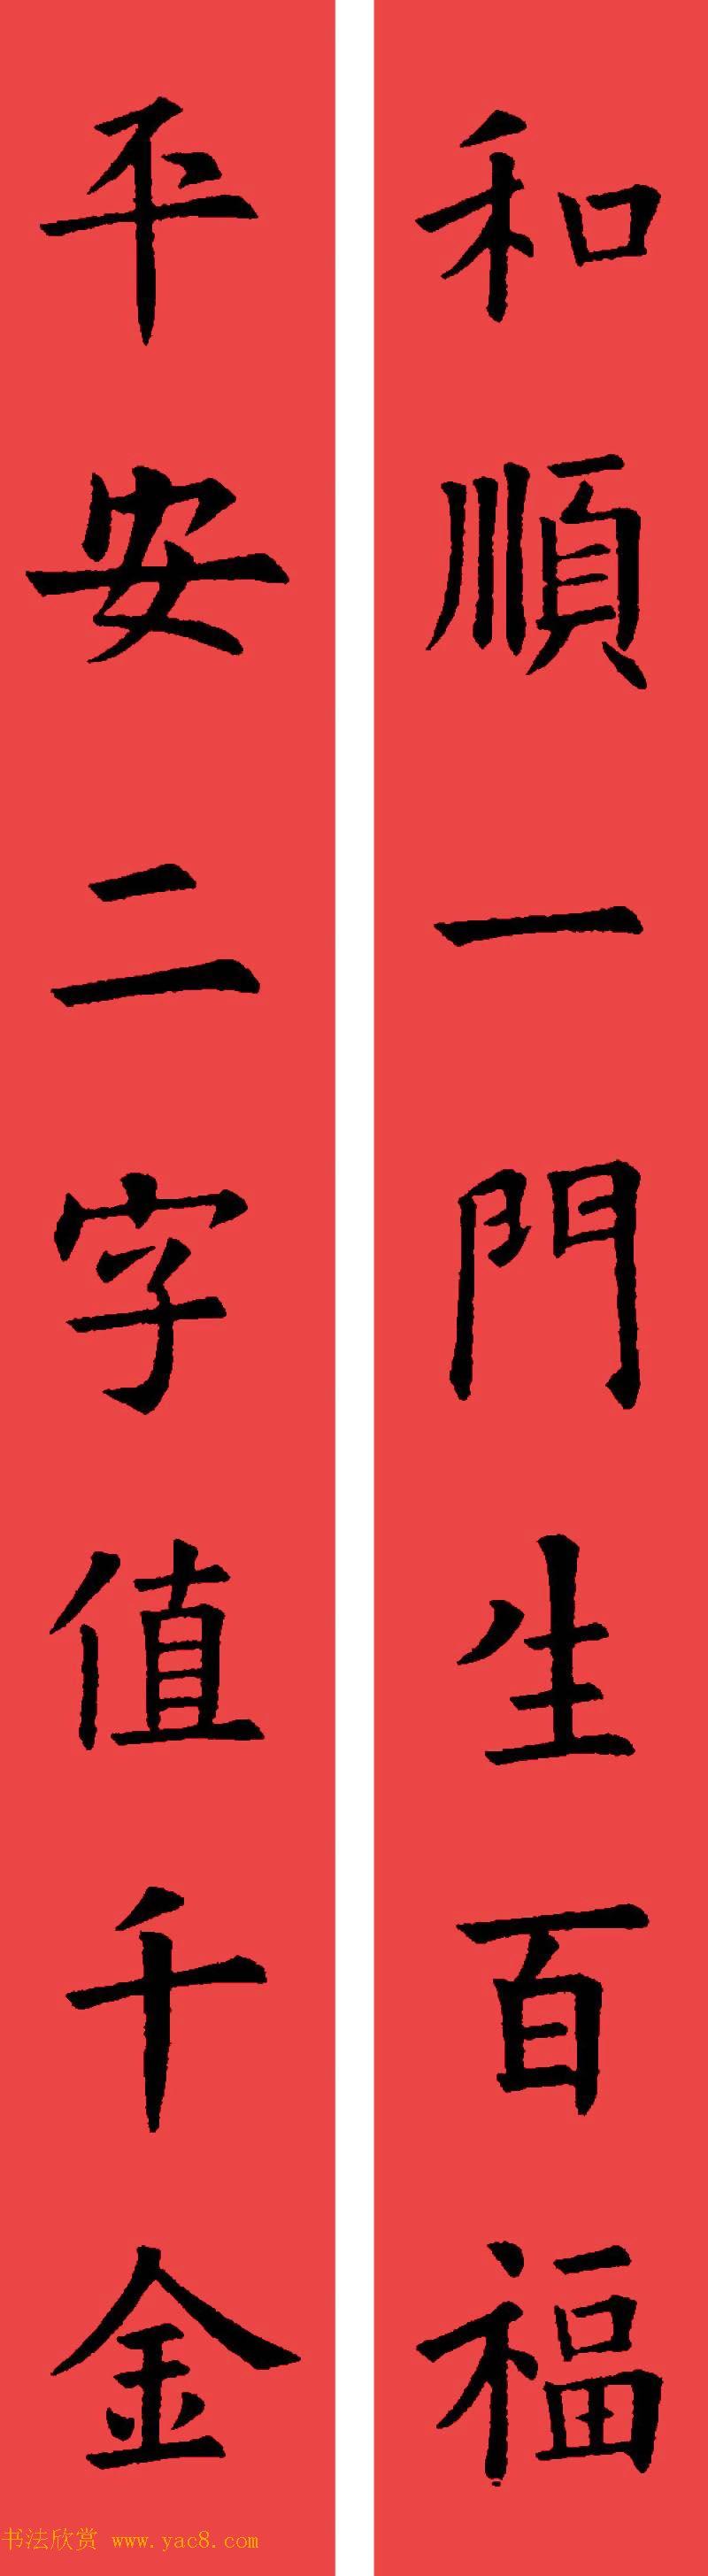 欧阳询楷书集字书法春联32副 第8页 书法专题 书法欣赏图片